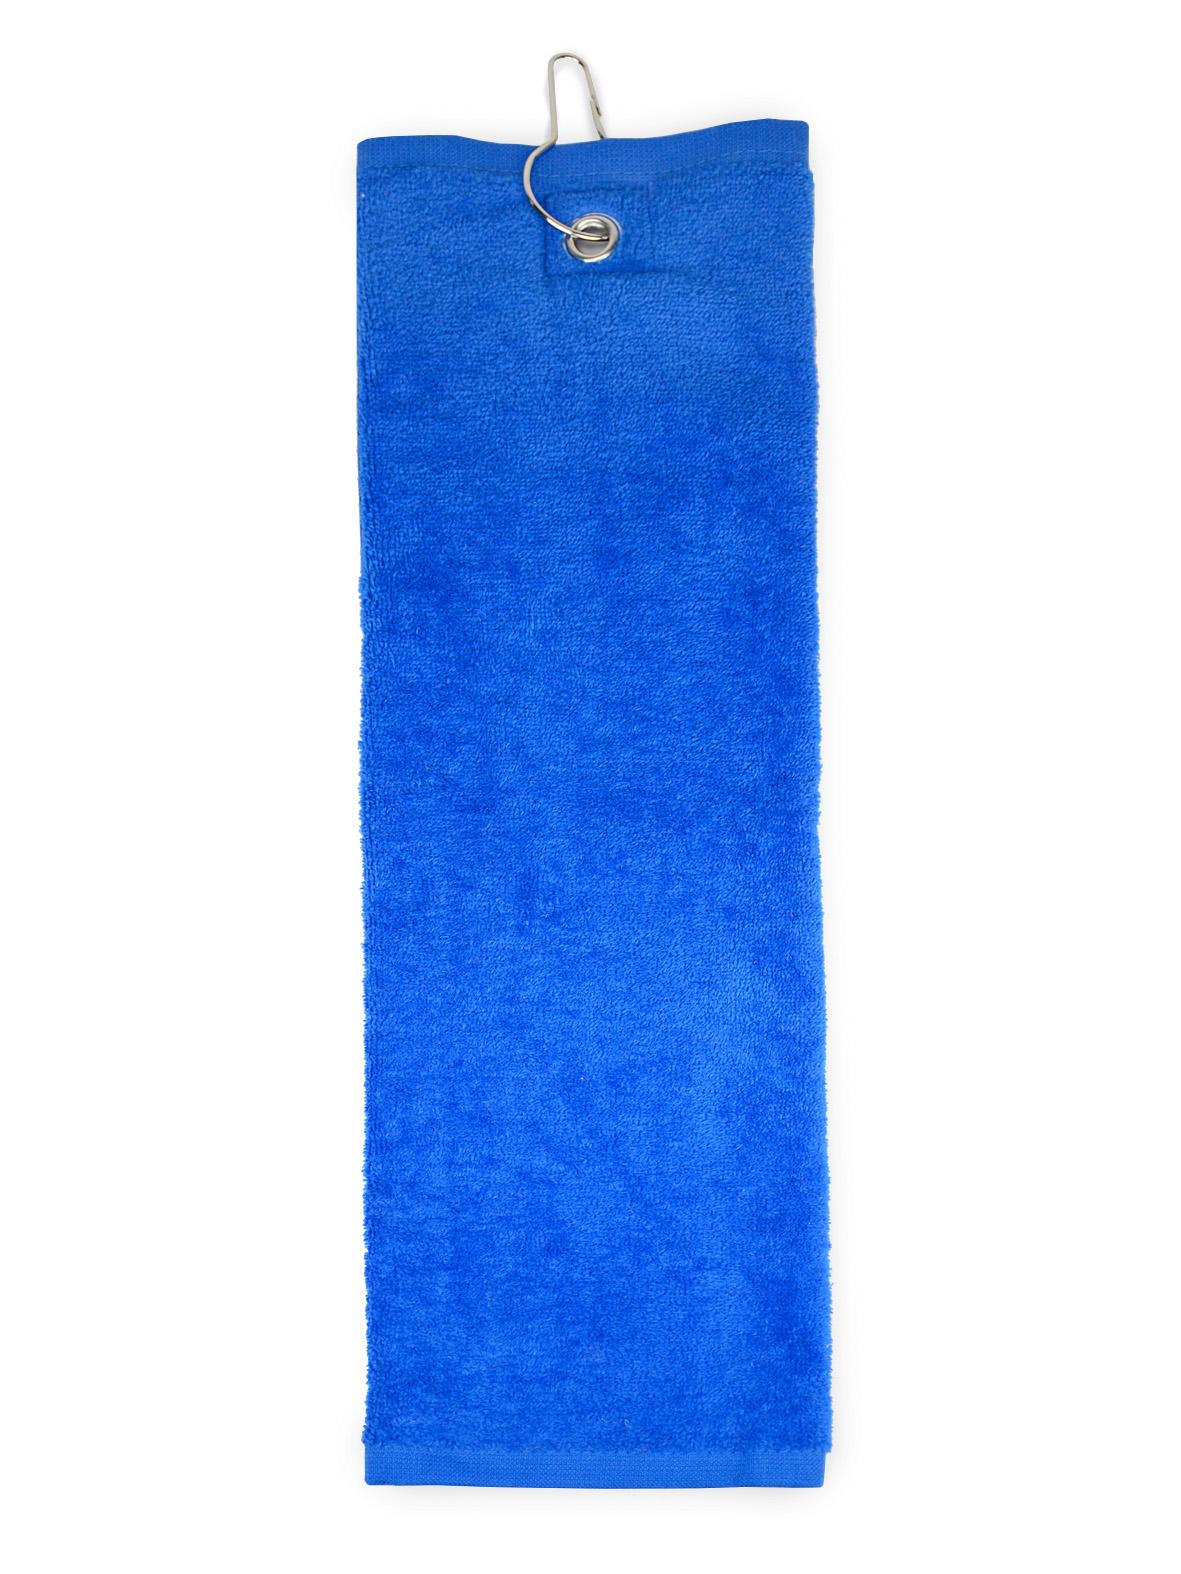 The One Golfhanddoek 40x50 cm 450 gram Blauw